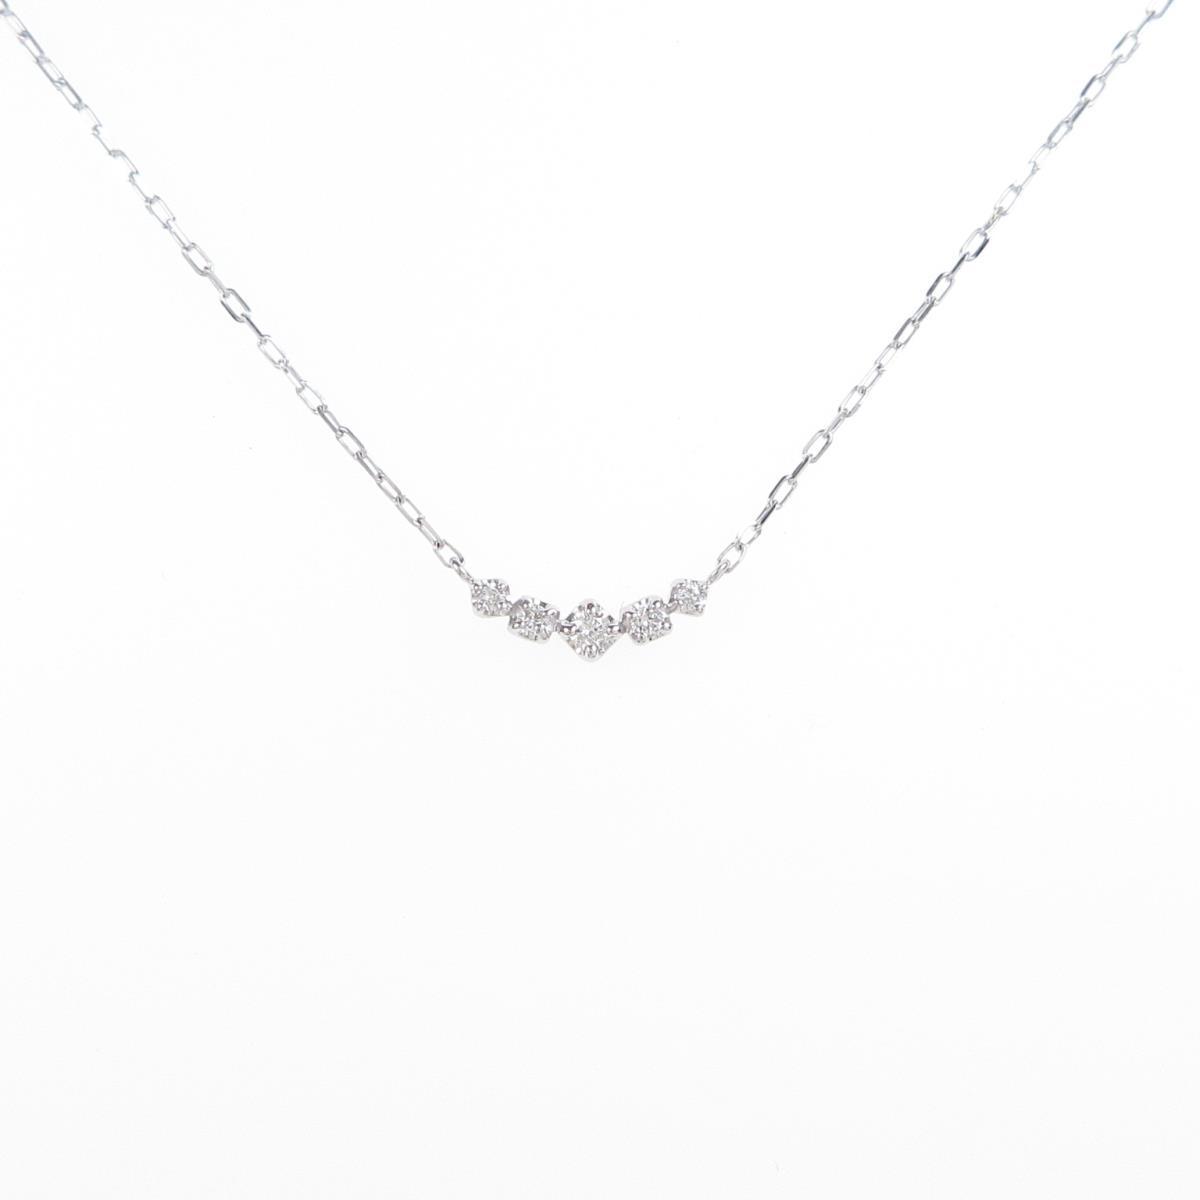 スタージュエリー ダイヤモンドネックレス 売買 迅速な対応で商品をお届け致します 中古